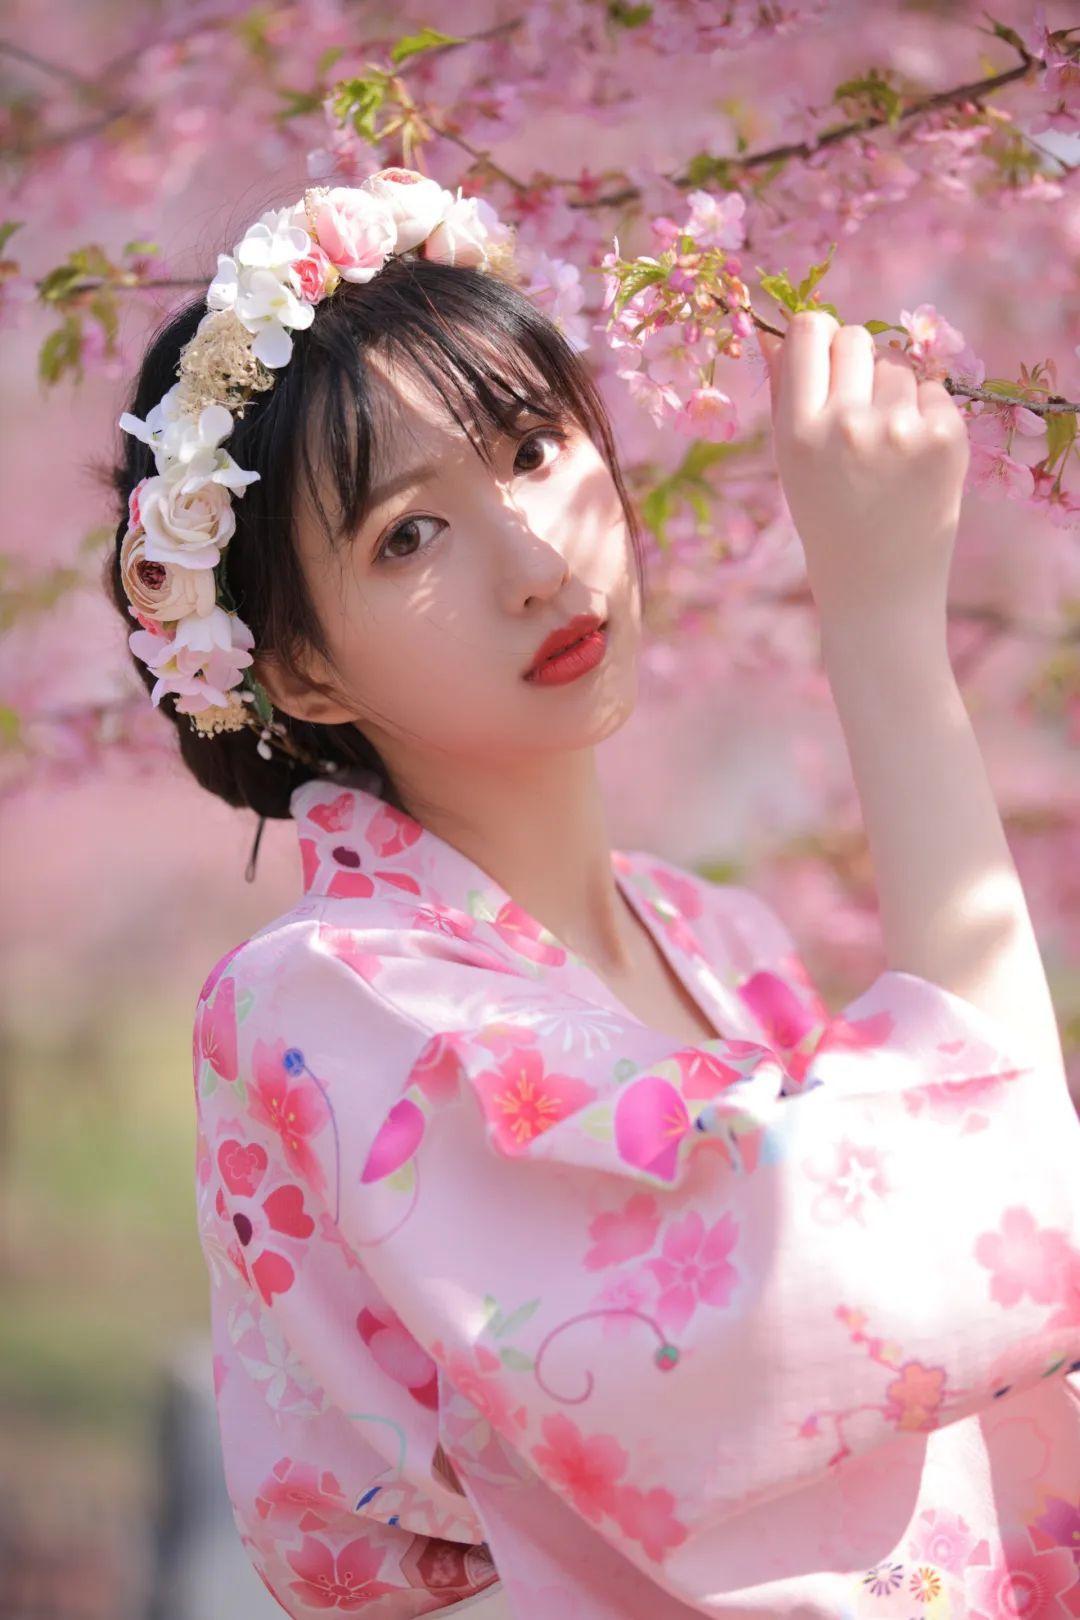 妹子摄影 – 粉粉的日系少女樱花树下写真_图片 No.8